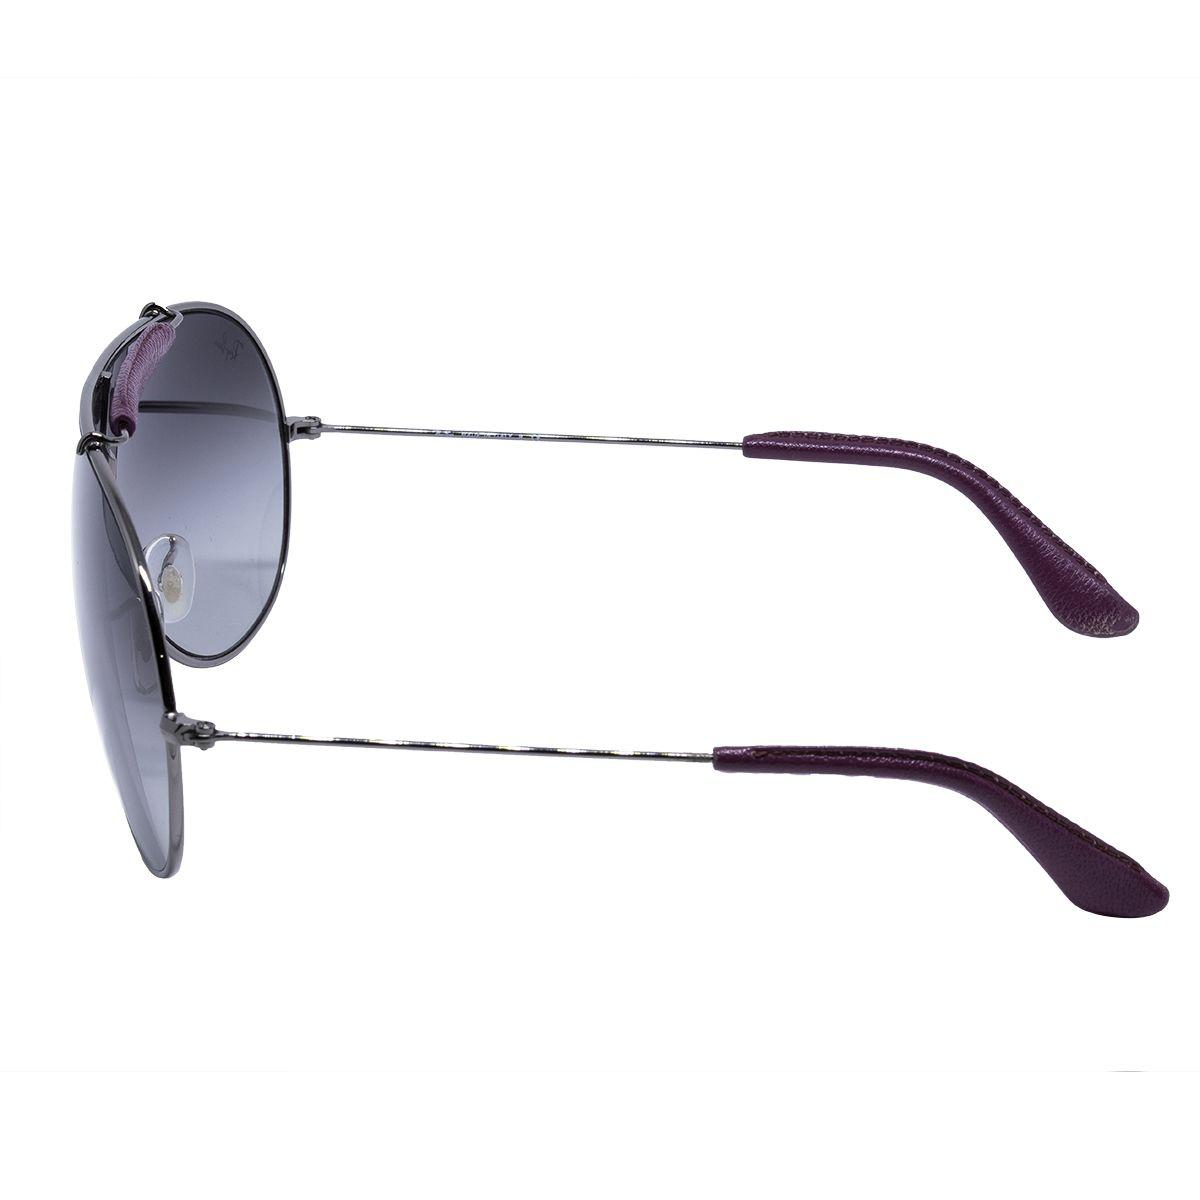 e711d4d83 Óculos de Sol Ray Ban Máscara RB3416Q 110/8G - Metal Prata e Lente Cinza  Degradê R$ 658,00 à vista. Adicionar à sacola